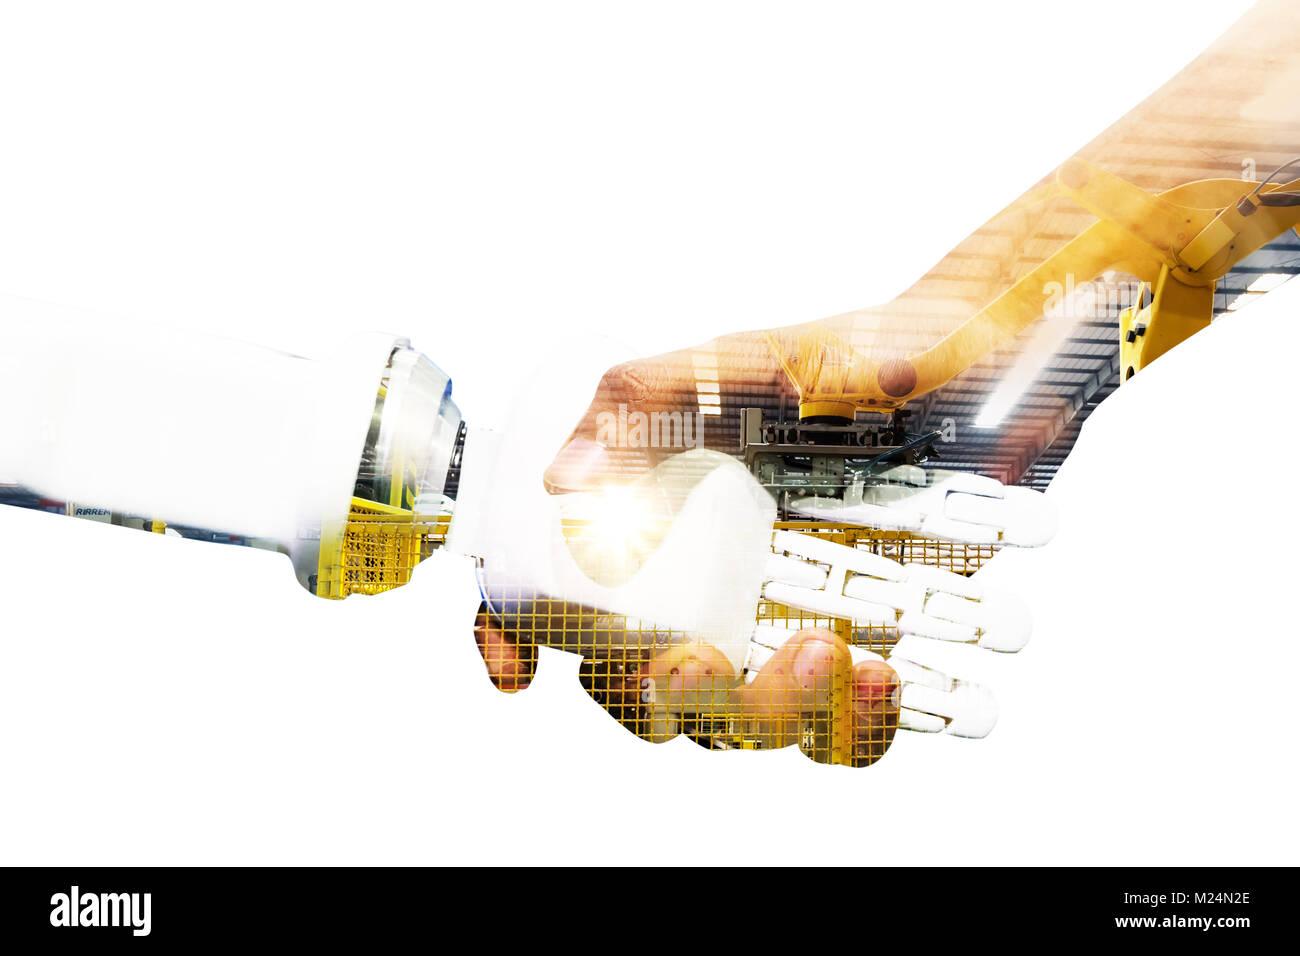 Los conceptos de inteligencia artificial y robótica. 4.0 Industrial Cyber sistemas físicos concepto. Doble exposición Foto de stock